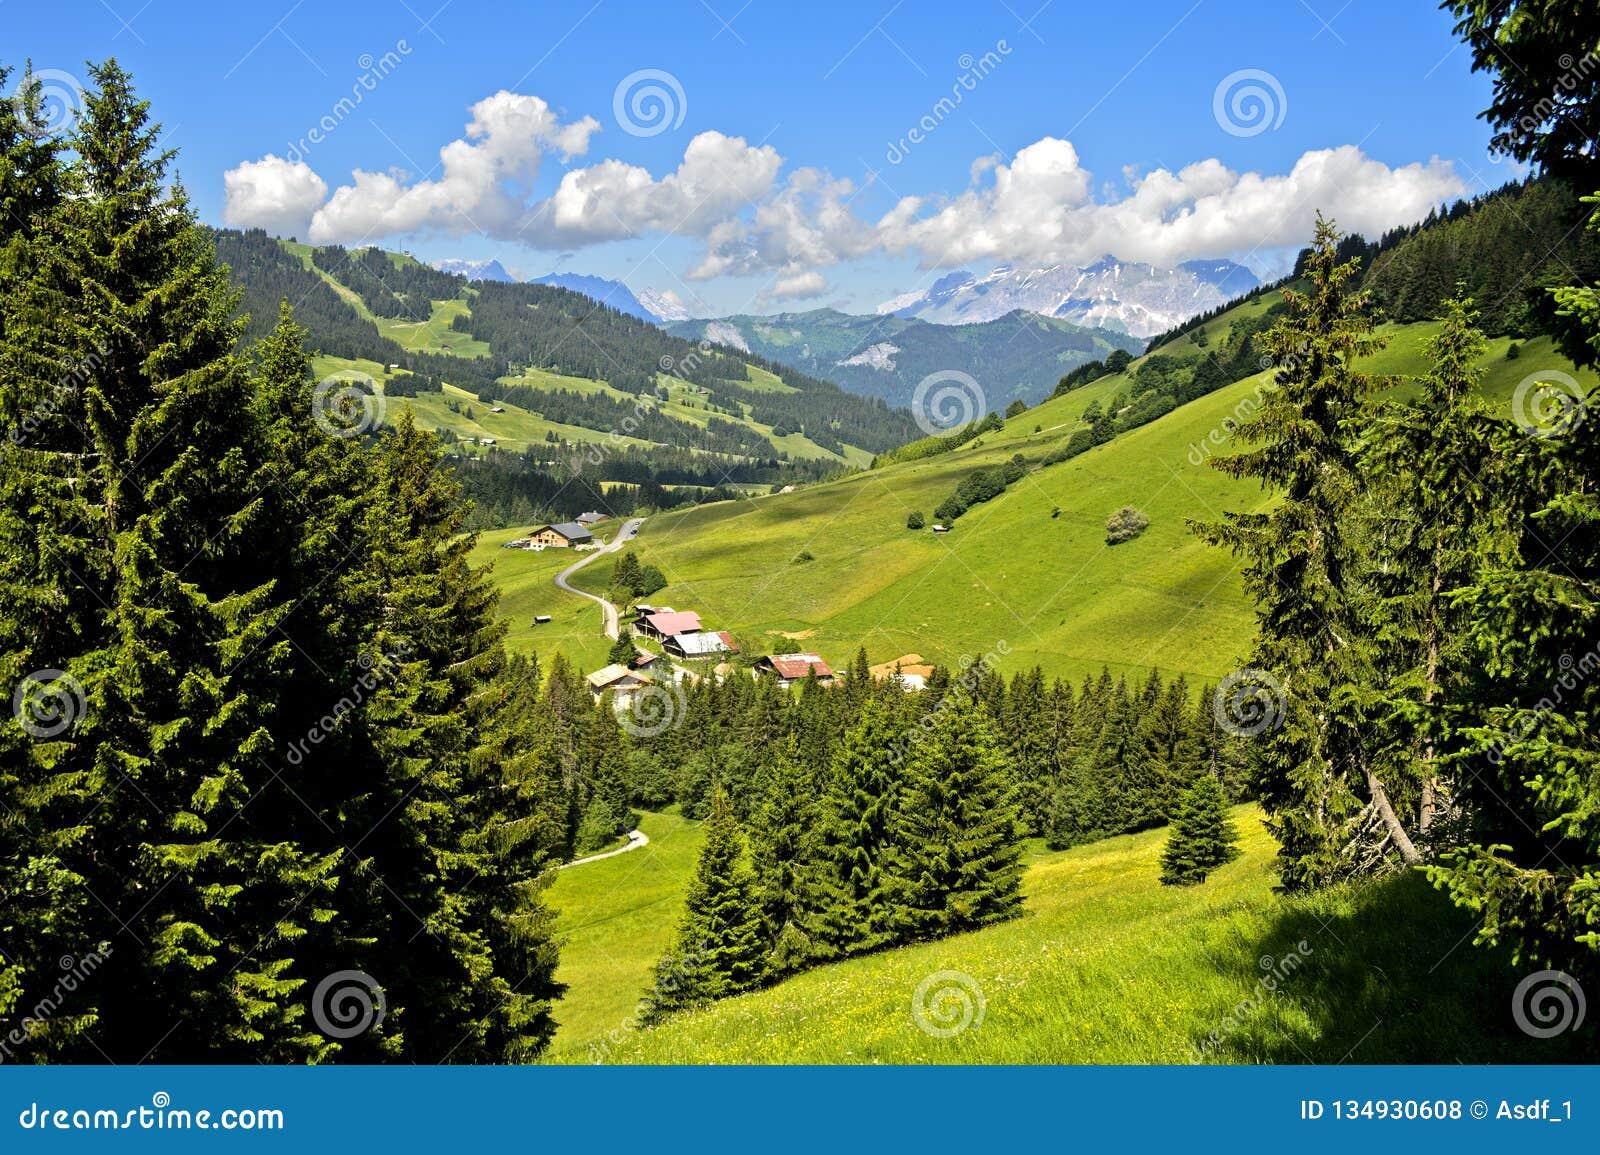 Pre-alpien landschap met weilanden en bossen in de zomer